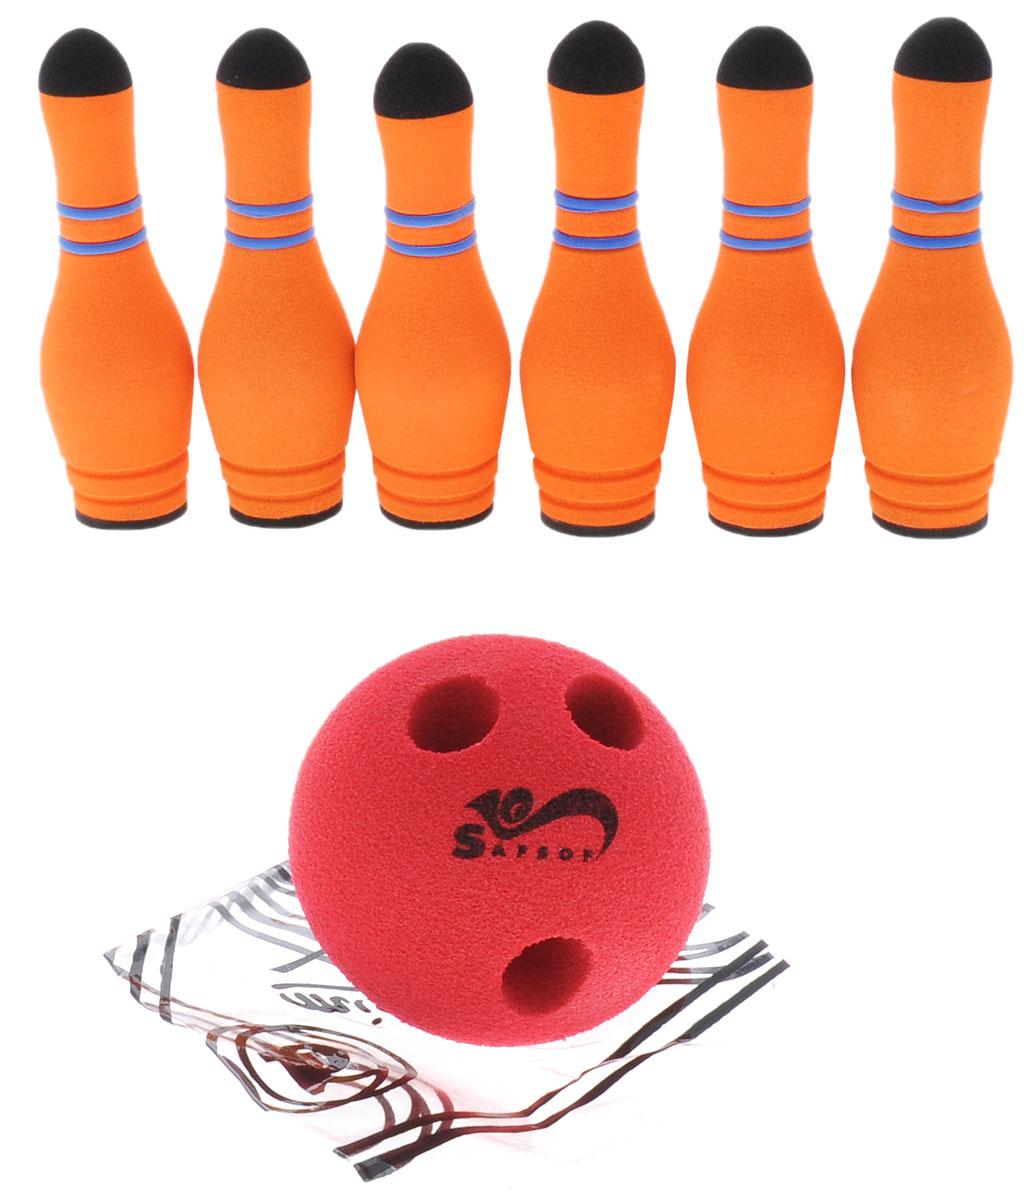 Safsof Игровой набор Мини-боулинг цвет оранжевый красныйMBB-05(B)_оранжевый,красныйИгровой набор Safsof Мини-боулинг, изготовленный из вспененной резины, состоит из шести кеглей, шара и рамки. Набор выполнен из мягкого материала, что обеспечивает безопасность ребенку. Суть игры в боулинг - сбить шаром максимальное количество кеглей. Число игроков и количество туров - произвольное. Очки, набранные с каждым броском мяча, рассматриваются как количество сбитых кегель. Расстояние, с которого совершается бросок, определяется игроками. Каждый игрок имеет право на два броска в одной рамке (рамка - треугольник, на поле которого выстраиваются кегли перед каждым первым броском очередного игрока). Бросок, при котором все кегли сбиты, называется страйк и обозначается, как Х. Если все кегли сбиты первым броском, второй бросок не требуется: рамка считается закрытой. Призовые очки за страйк - это сумма кеглей, сбитых игроком следующими двумя бросками. Выигрывает тот игрок, кто в сумме набирает больше очков.